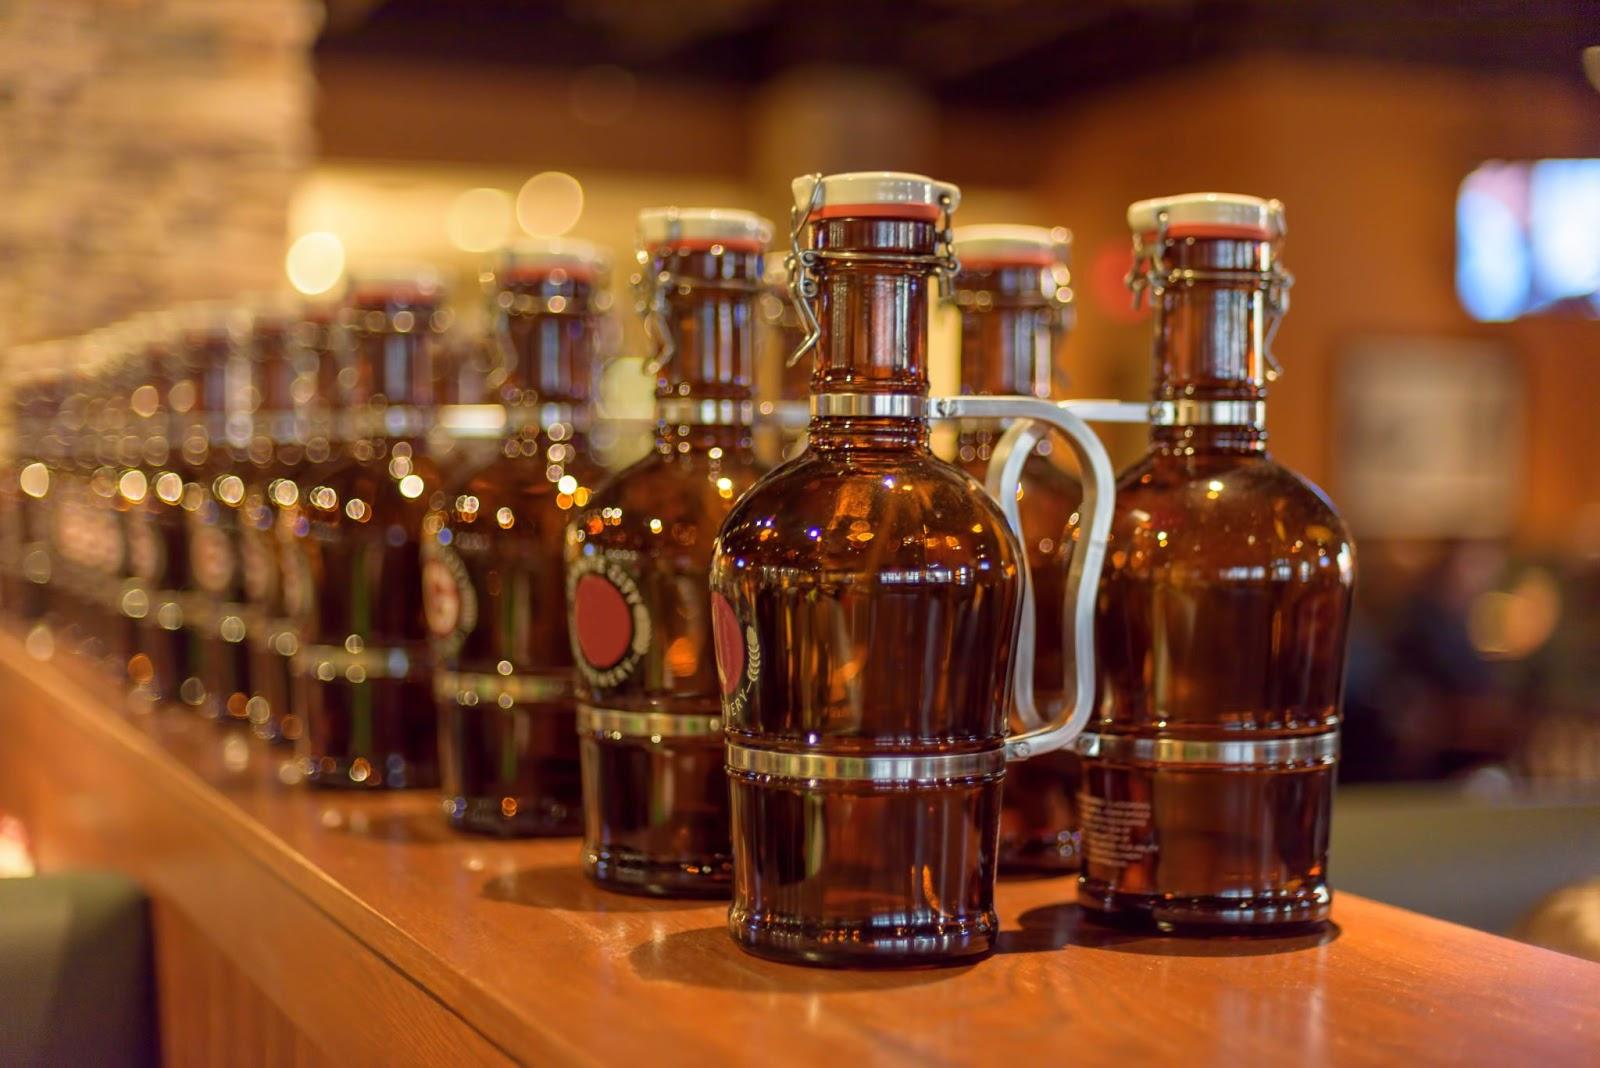 Na imagem, temos vários growlers de vidro, utilizados para armazenar cerveja, em cima de um balcão de madeira